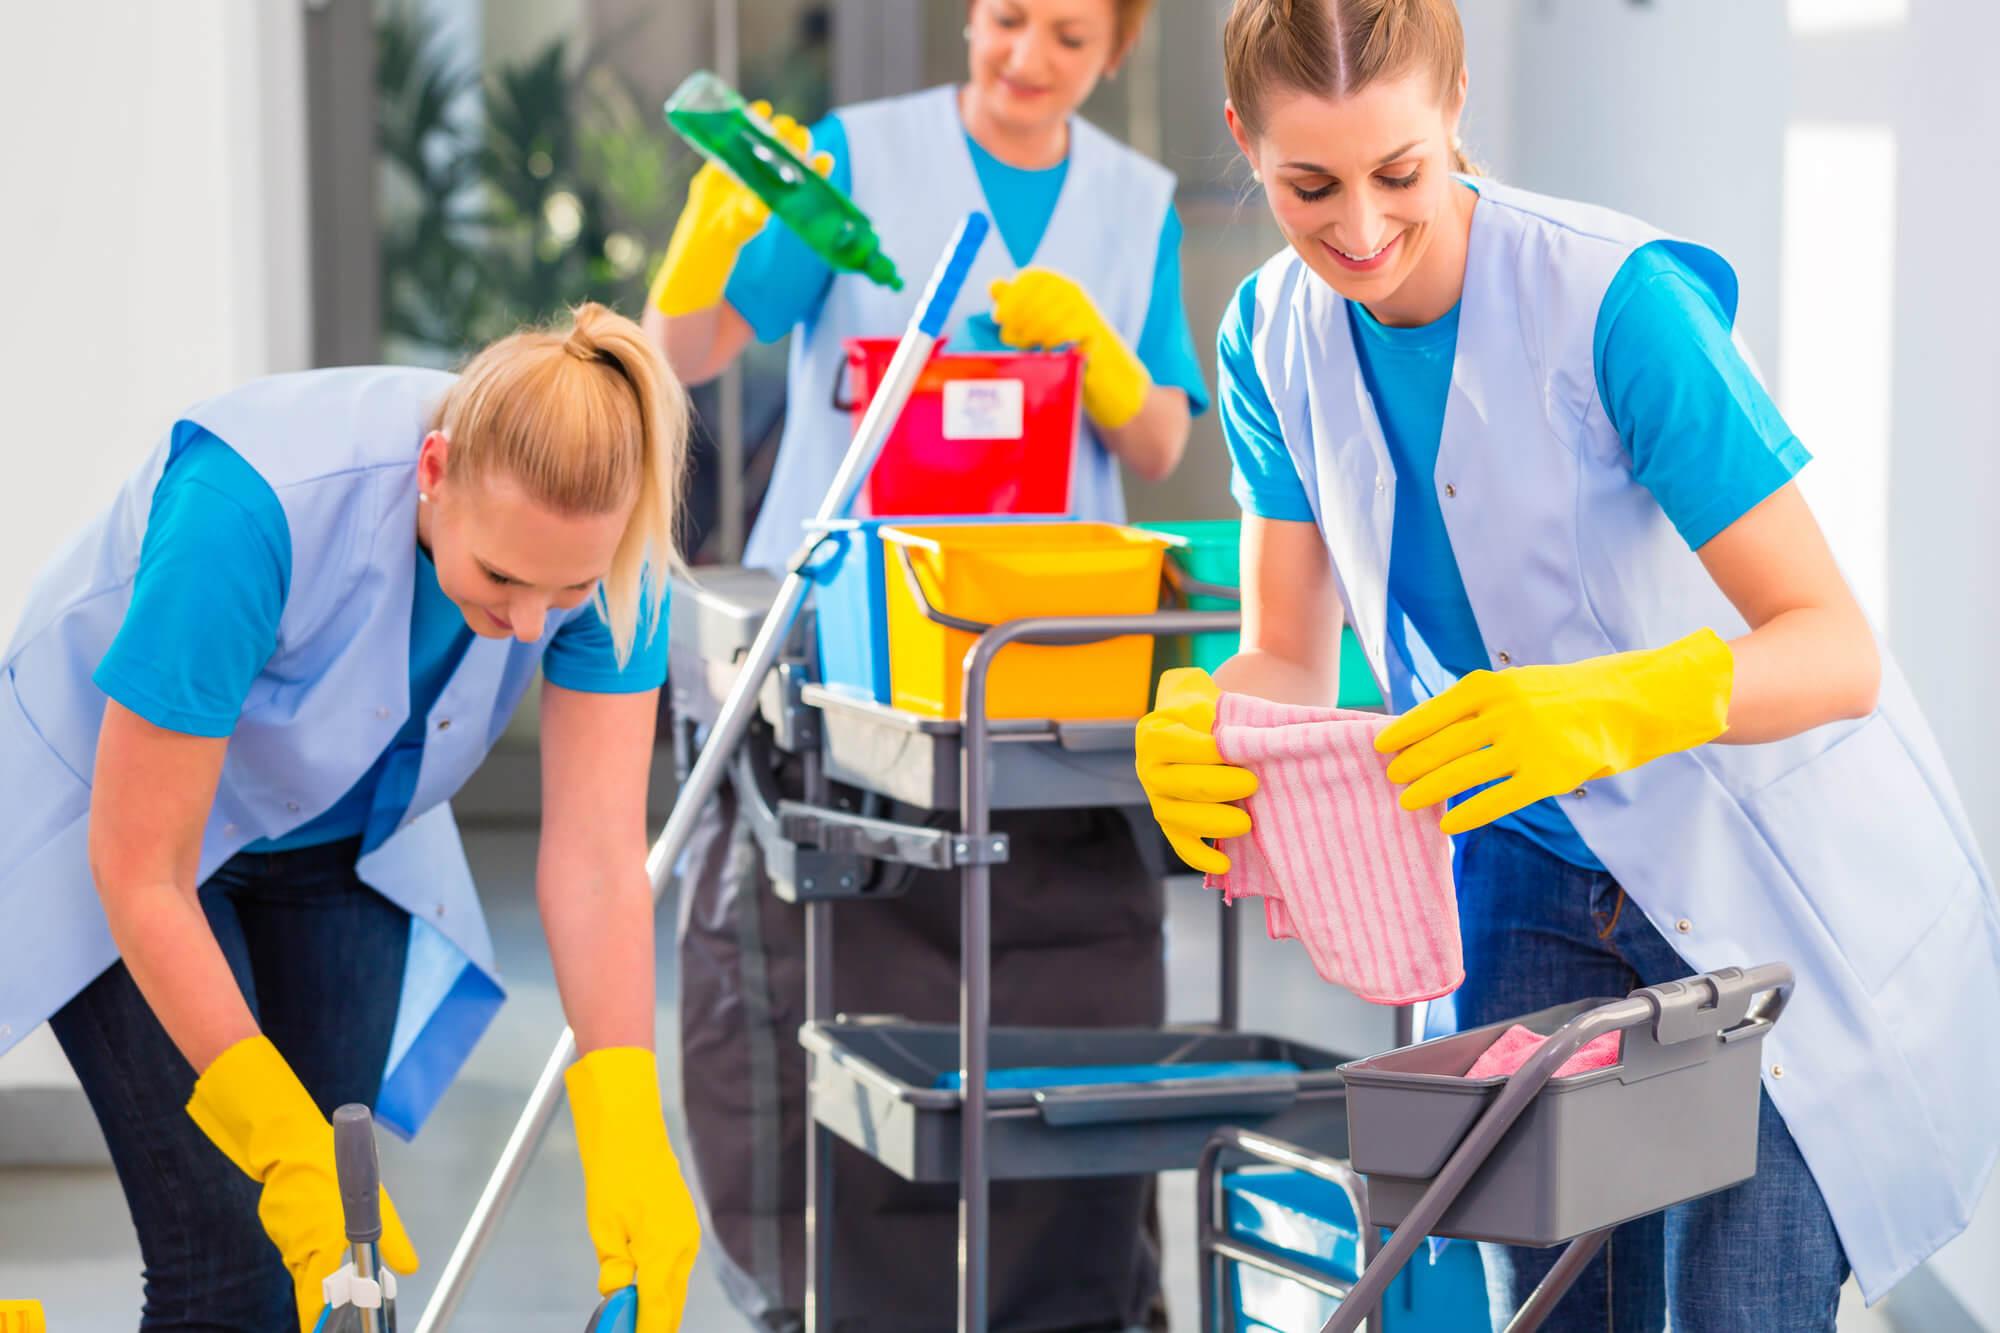 Franquias de serviço: quais as características desse modelo de negócio?